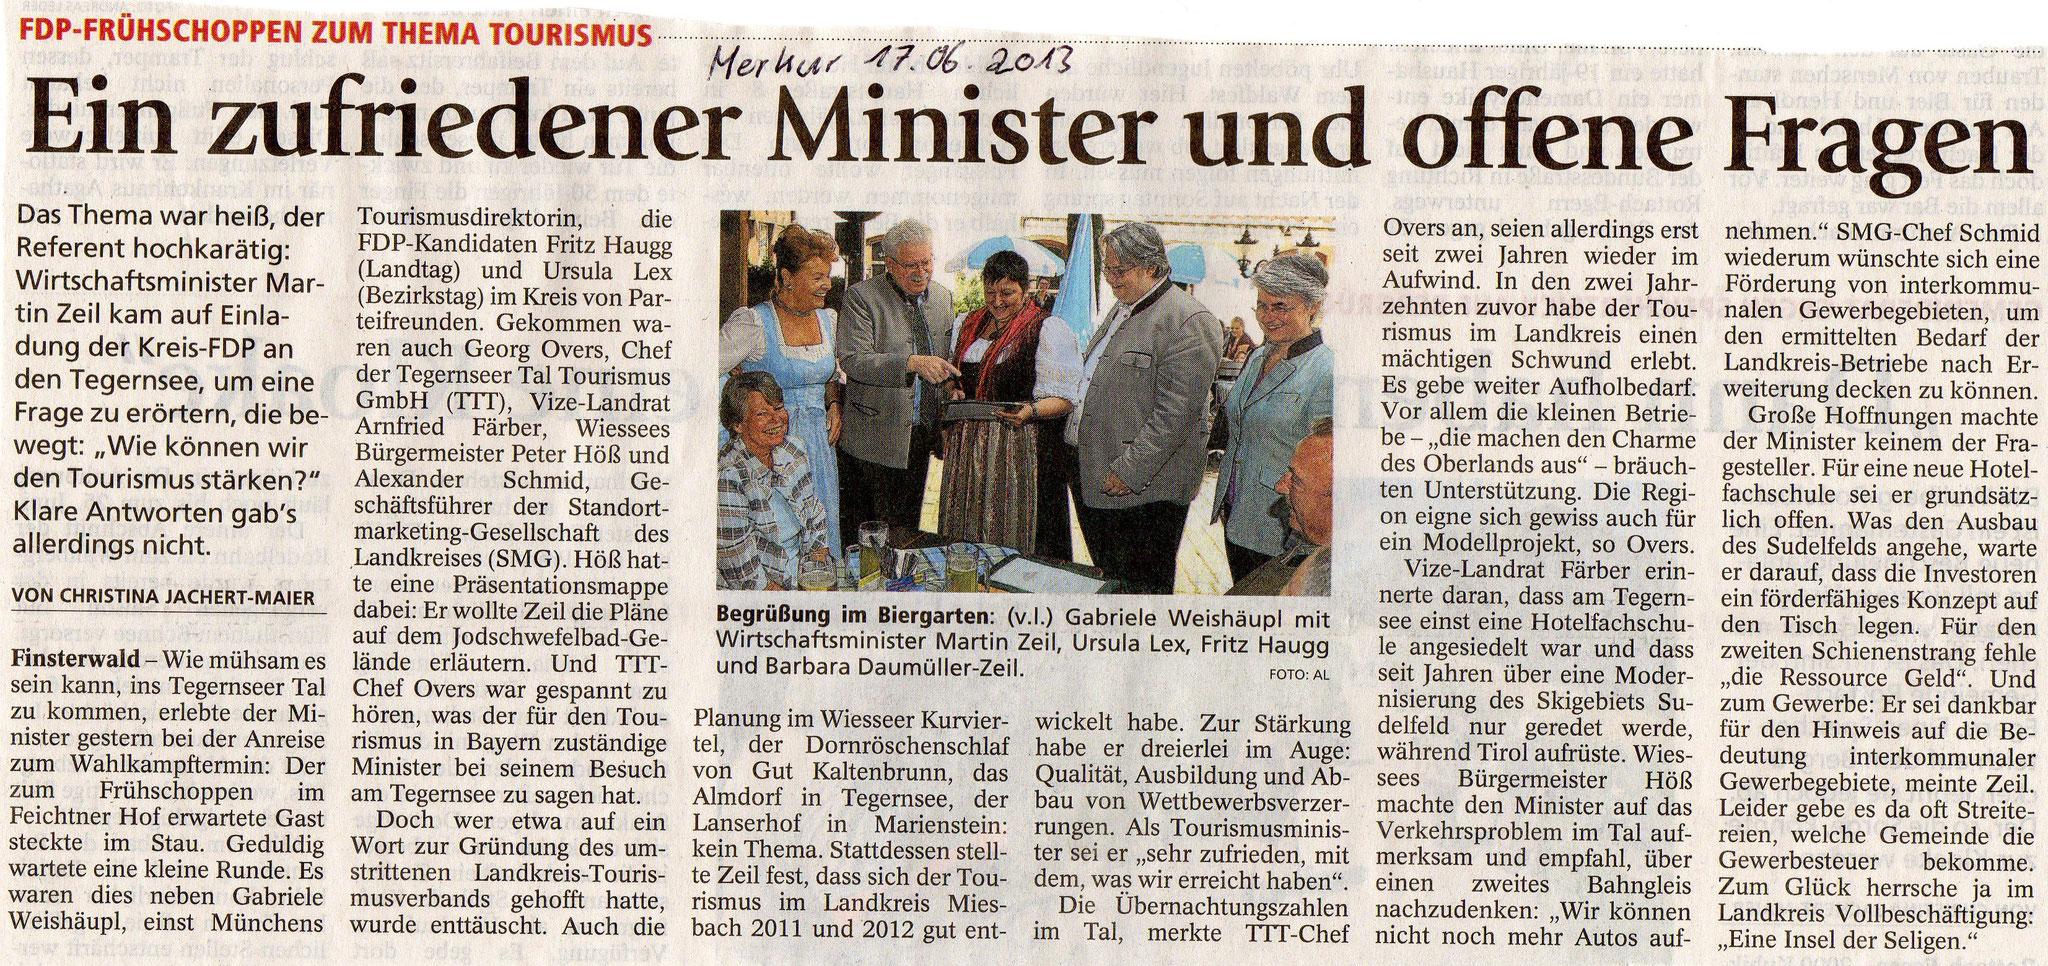 17. Juni 2013: FDP-Frühschoppen zum Thema Tourismus (.jpg)